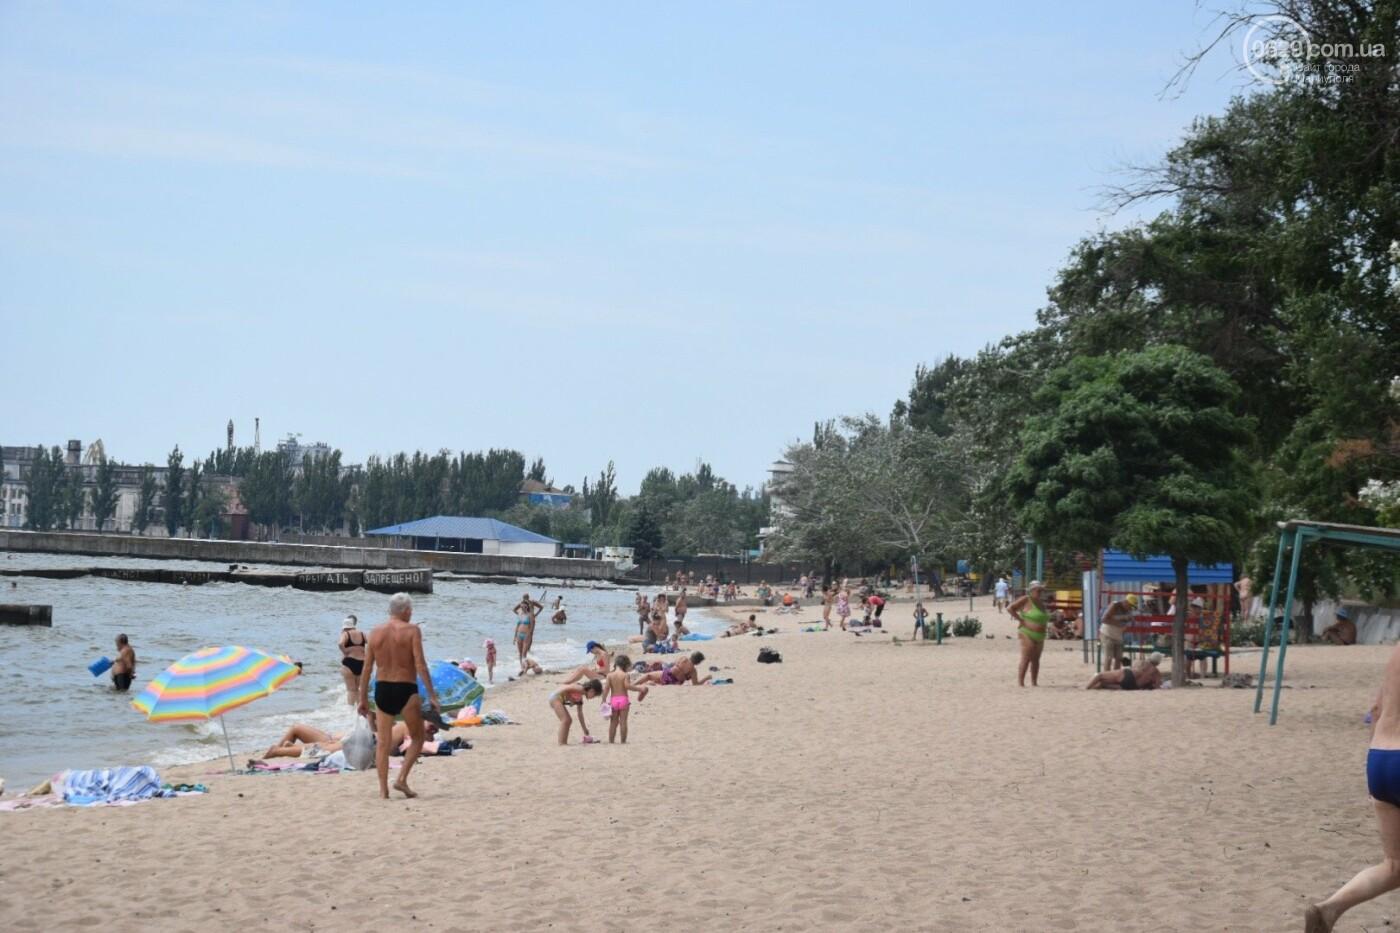 ТОП лучших пляжей Мариуполя, - ФОТО, фото-59